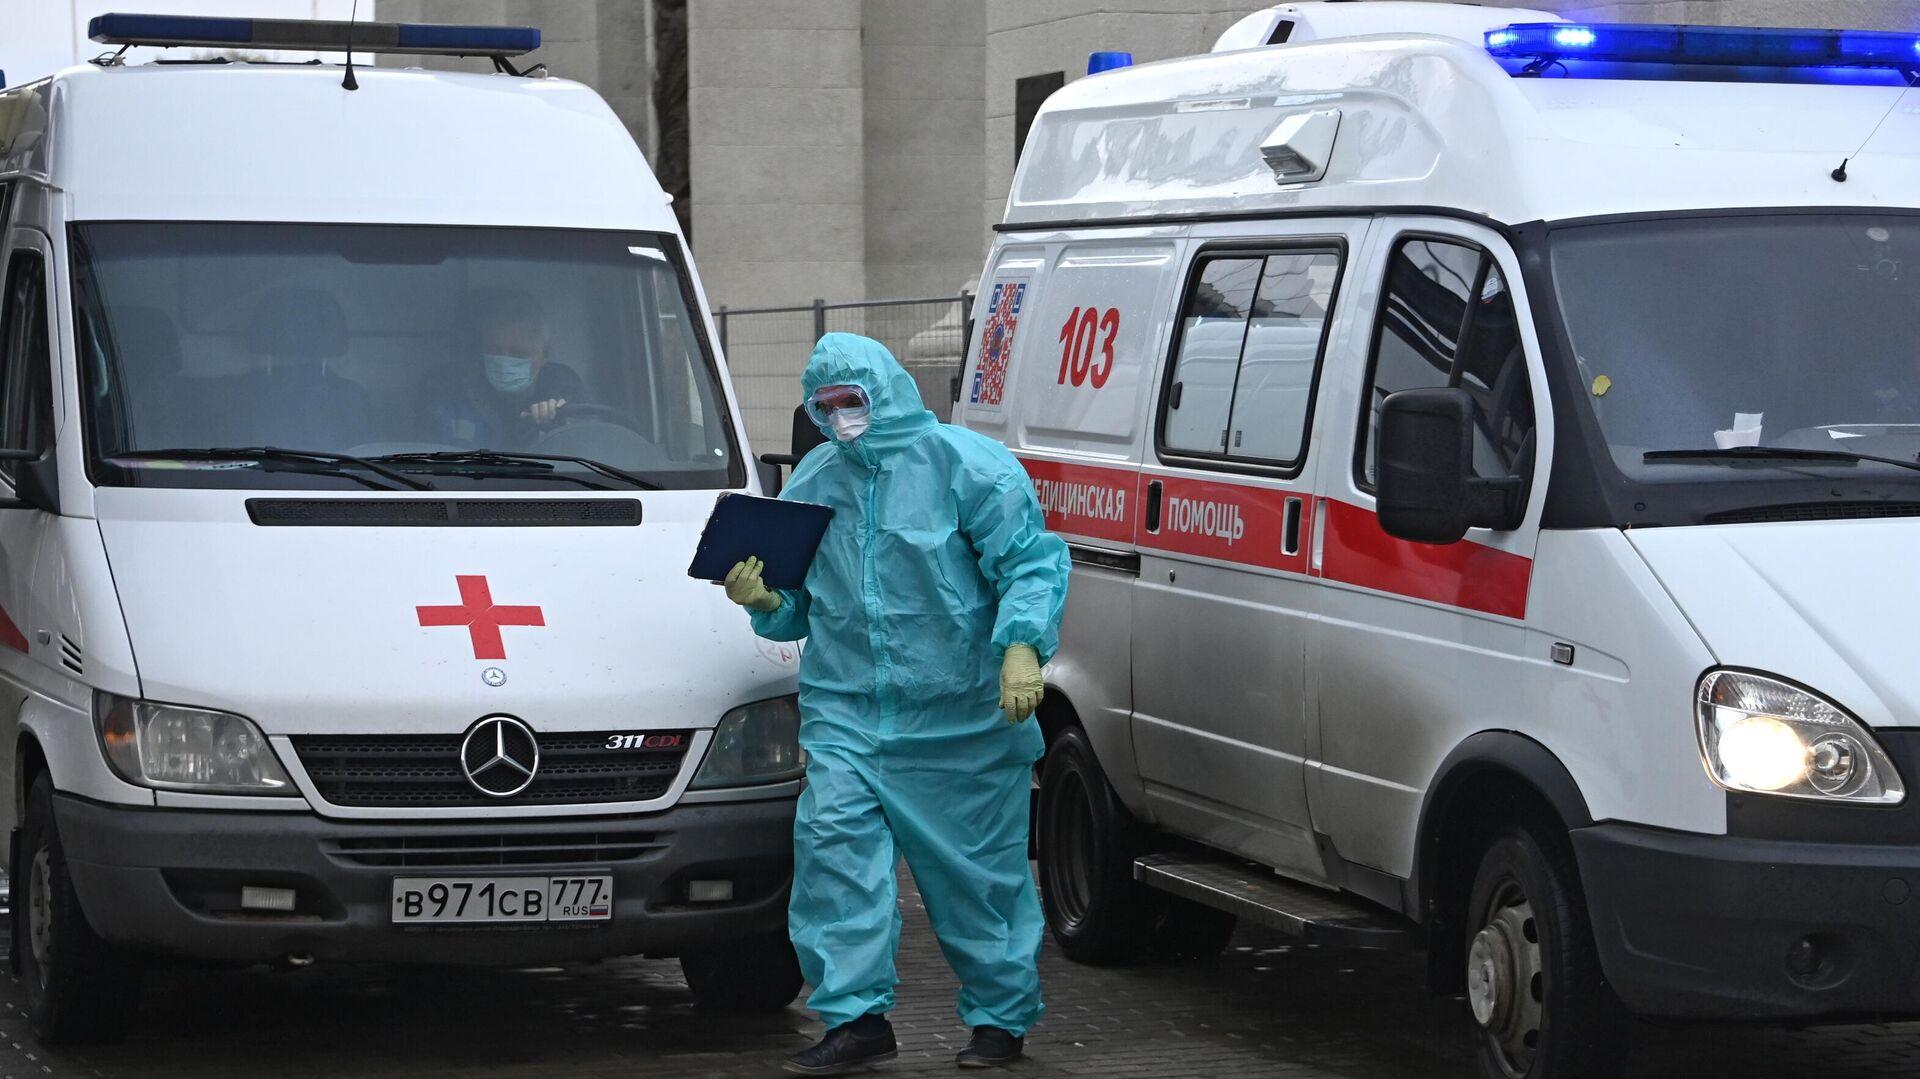 Машины скорой помощи возле приемного отделения временного госпиталя COVID-19 на ВДНХ в Москве - РИА Новости, 1920, 21.10.2020